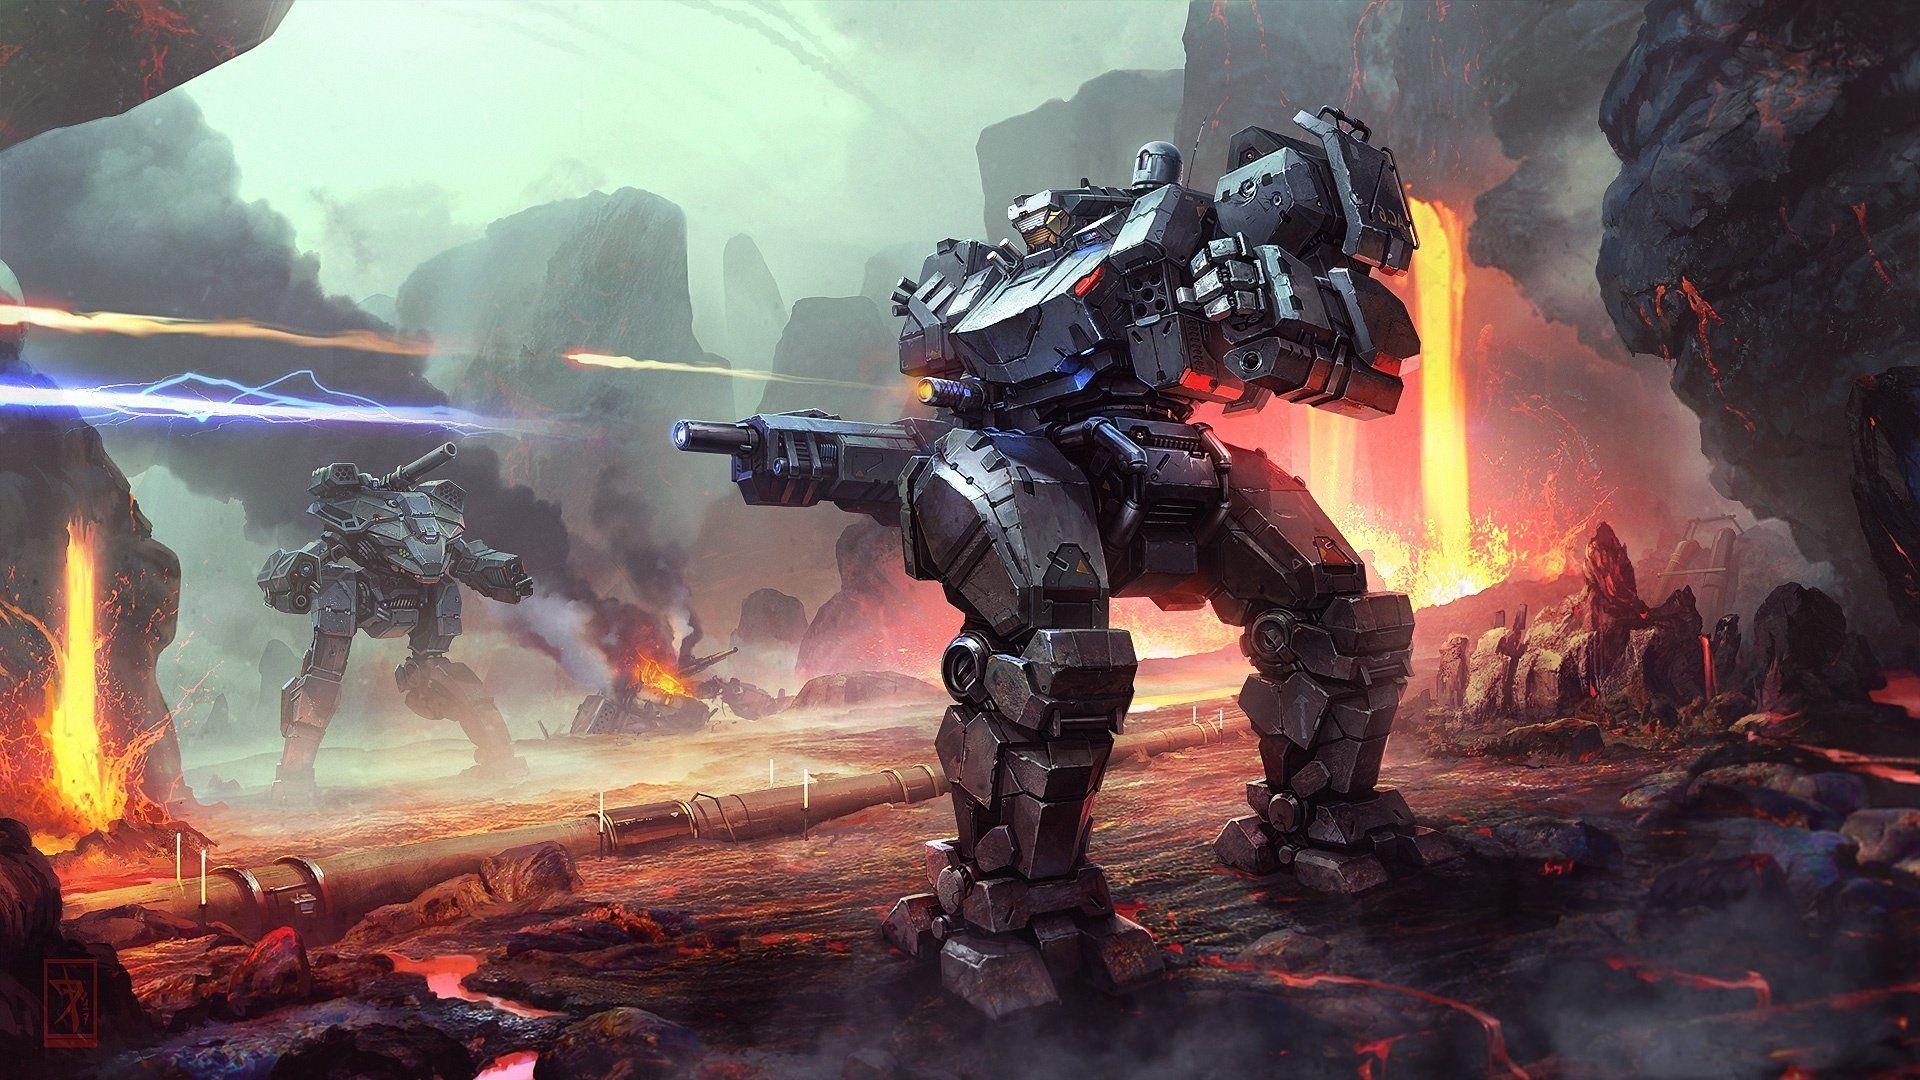 Mk 4 fighting force роботы игровые автоматы игровые автоматы бесплатно играть онлайн бесплатно золото партии братва